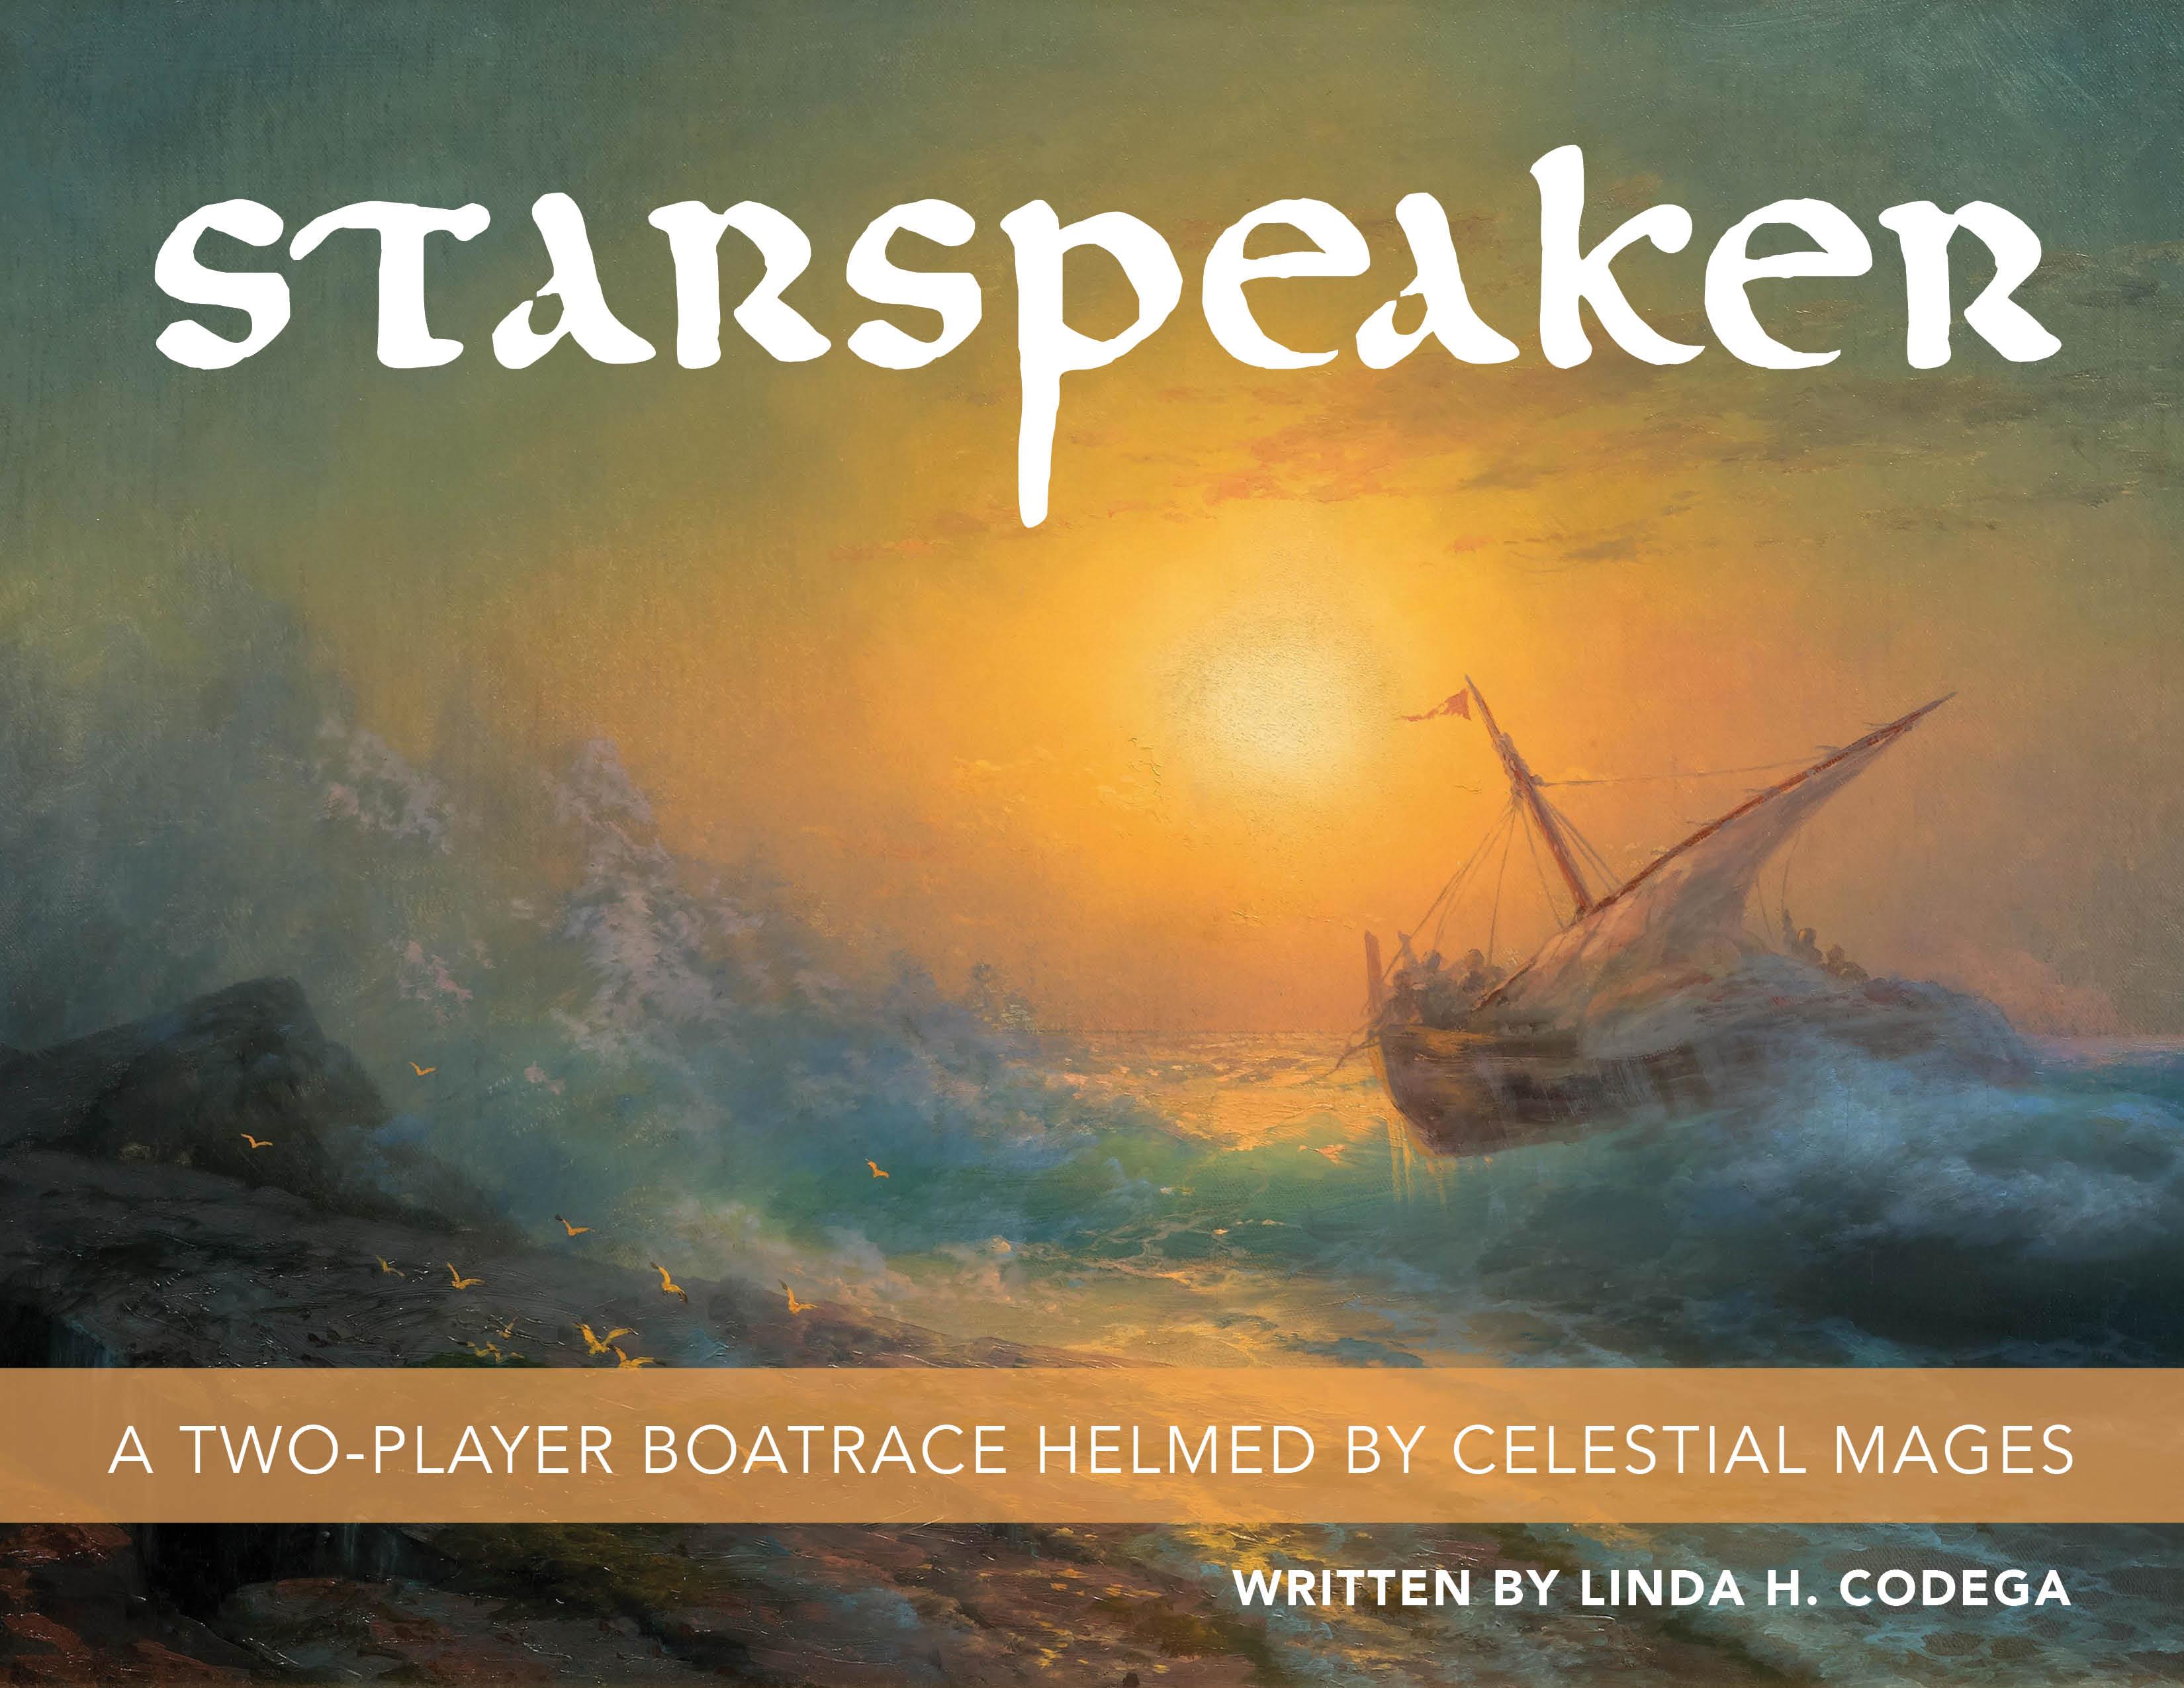 Starspeaker